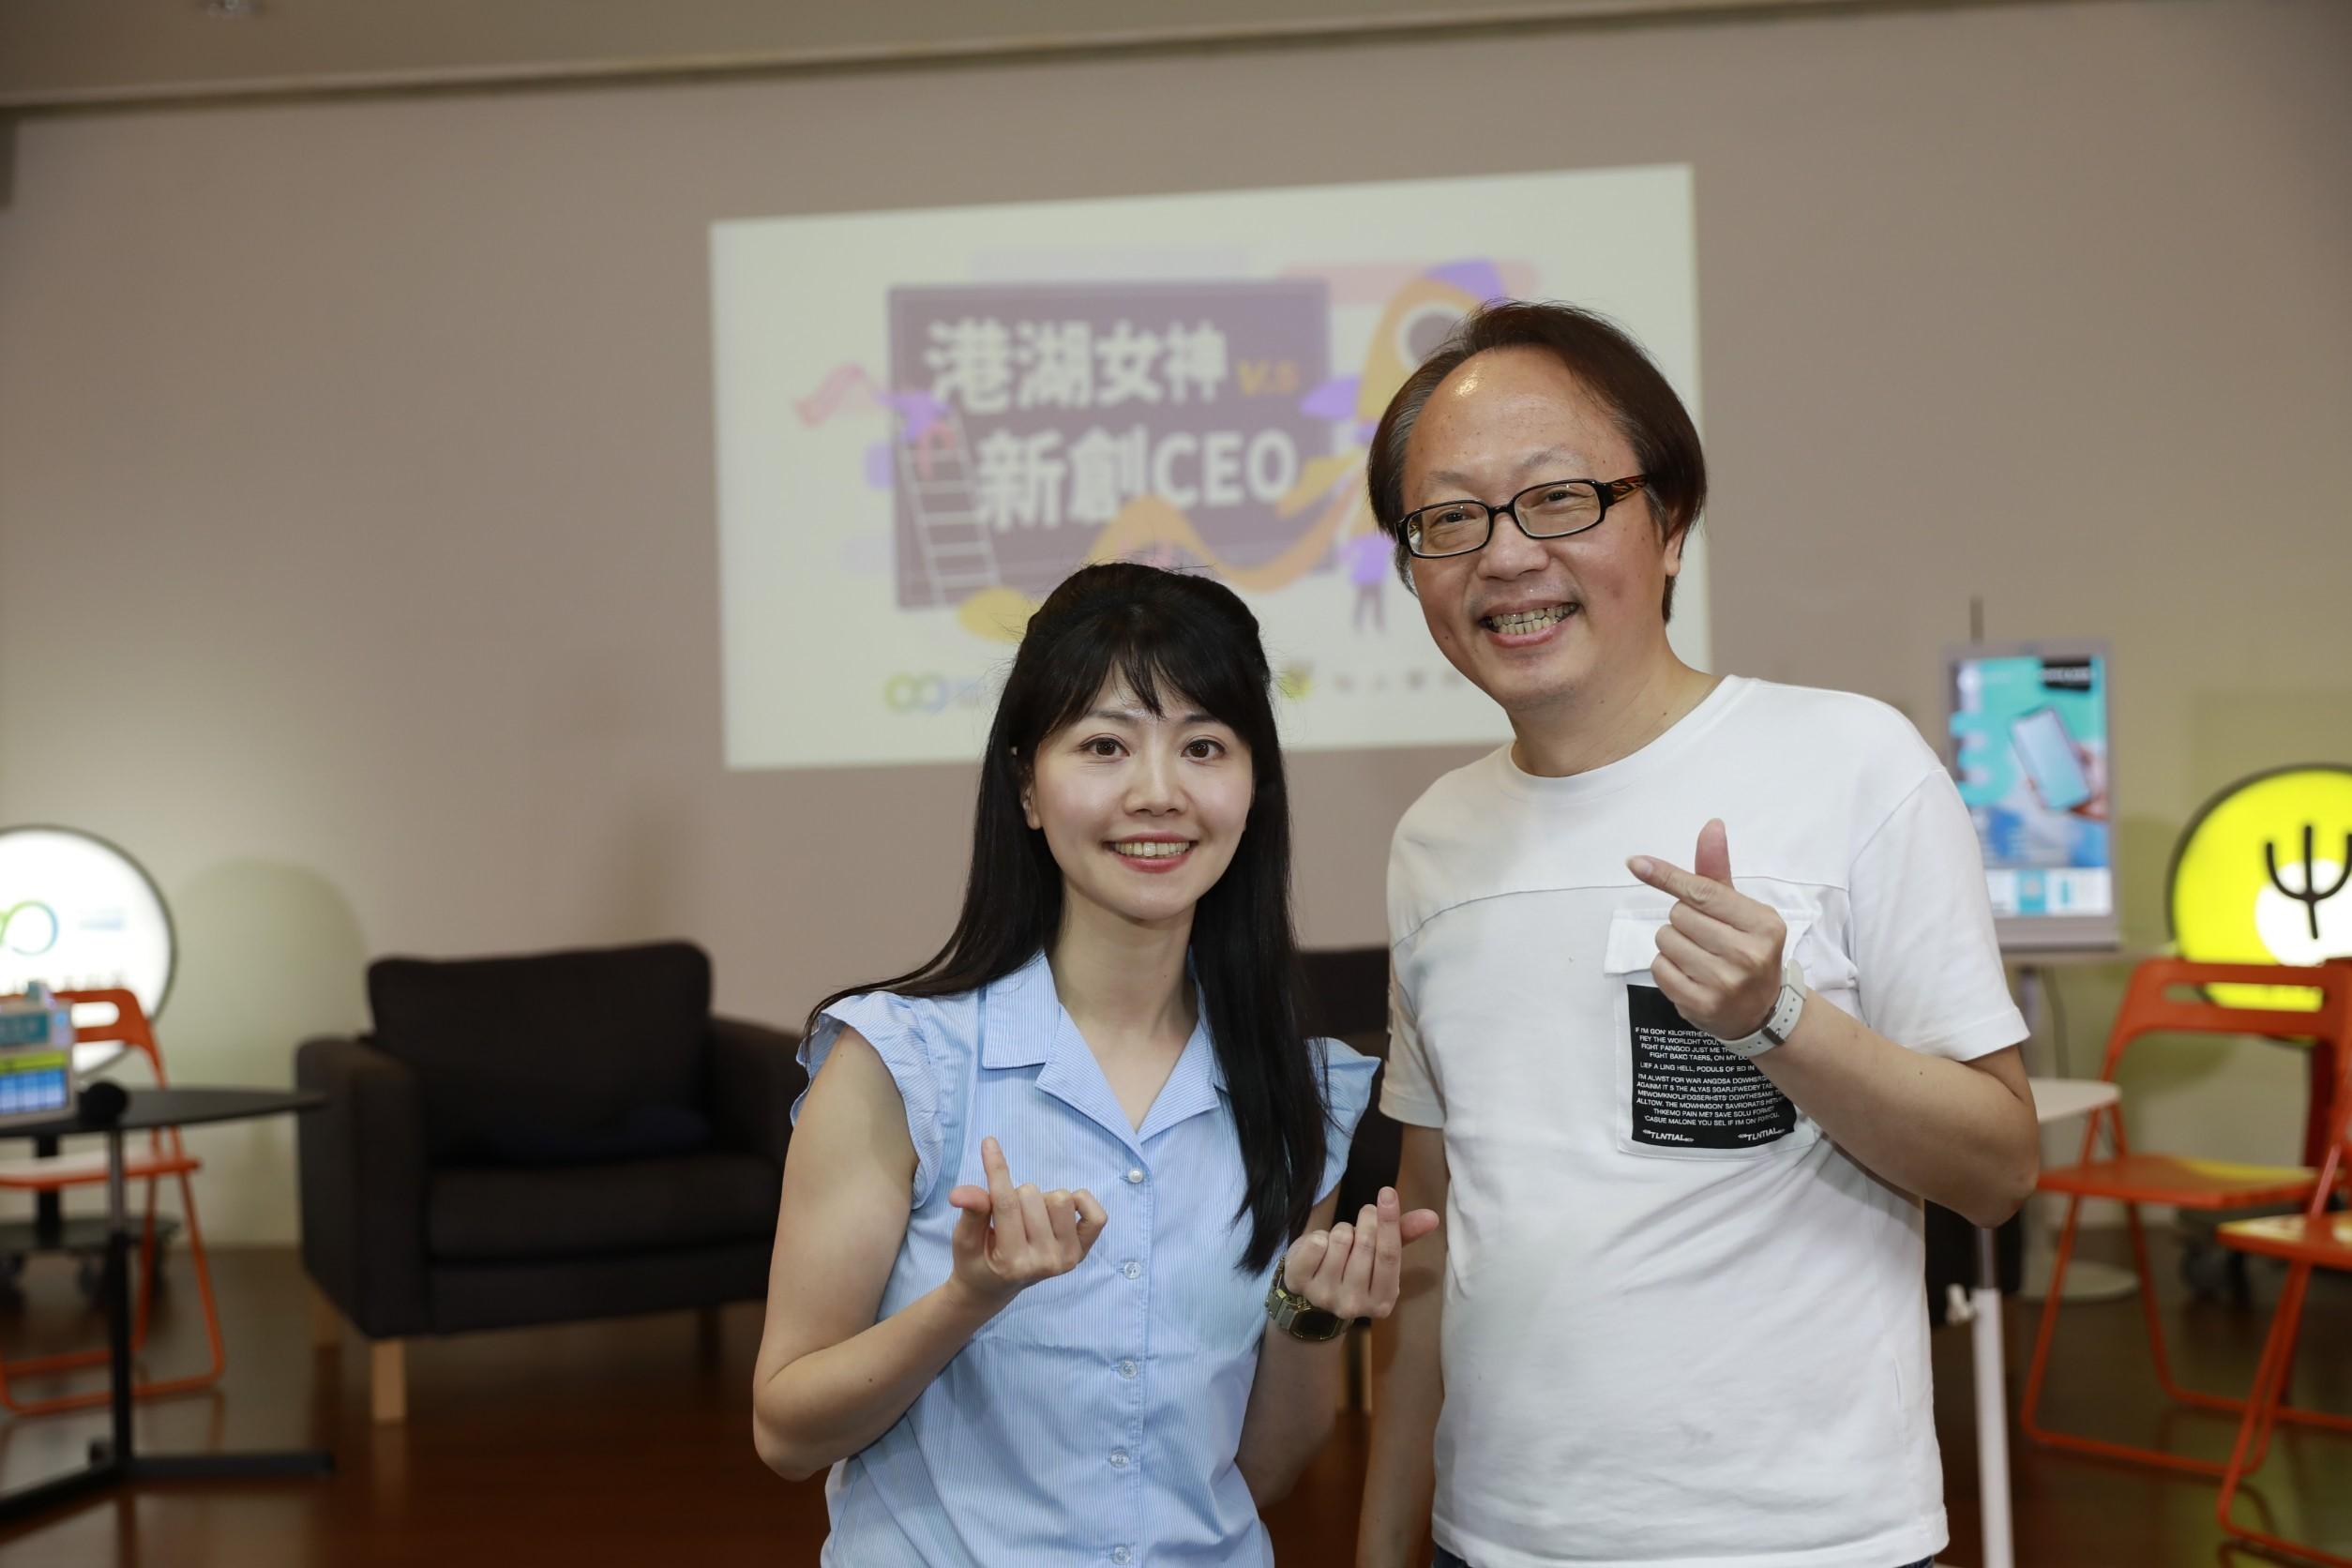 台北市議員高嘉瑜參訪環球睿視了解AI對話機器人於各領域應用